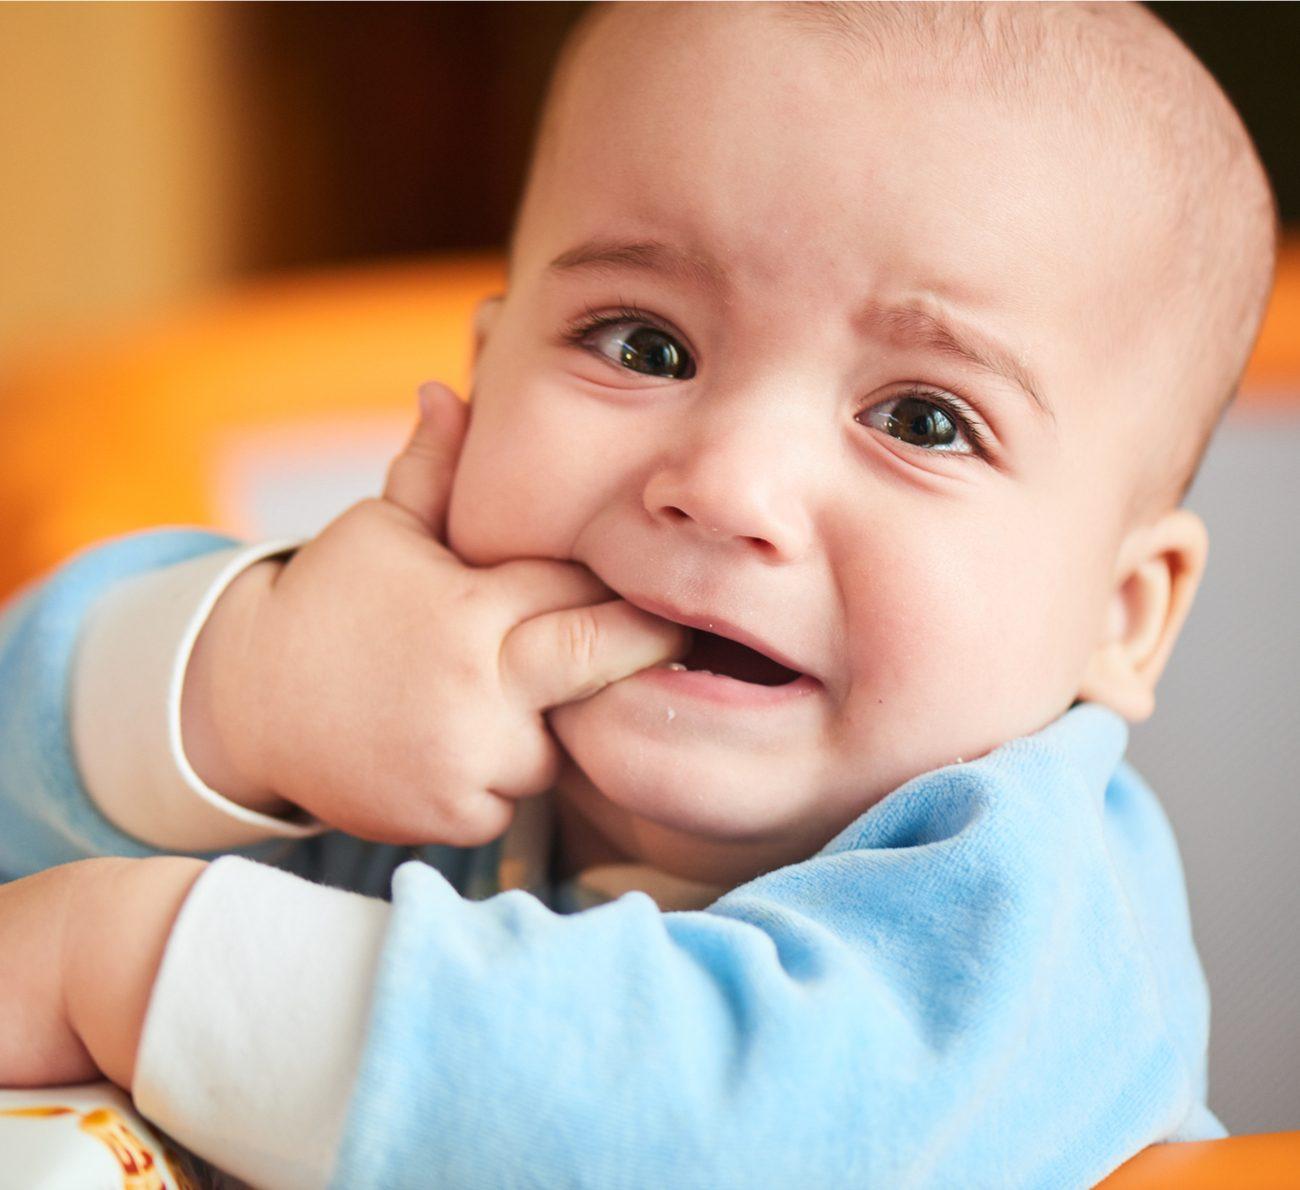 primeiros dentes do bebê